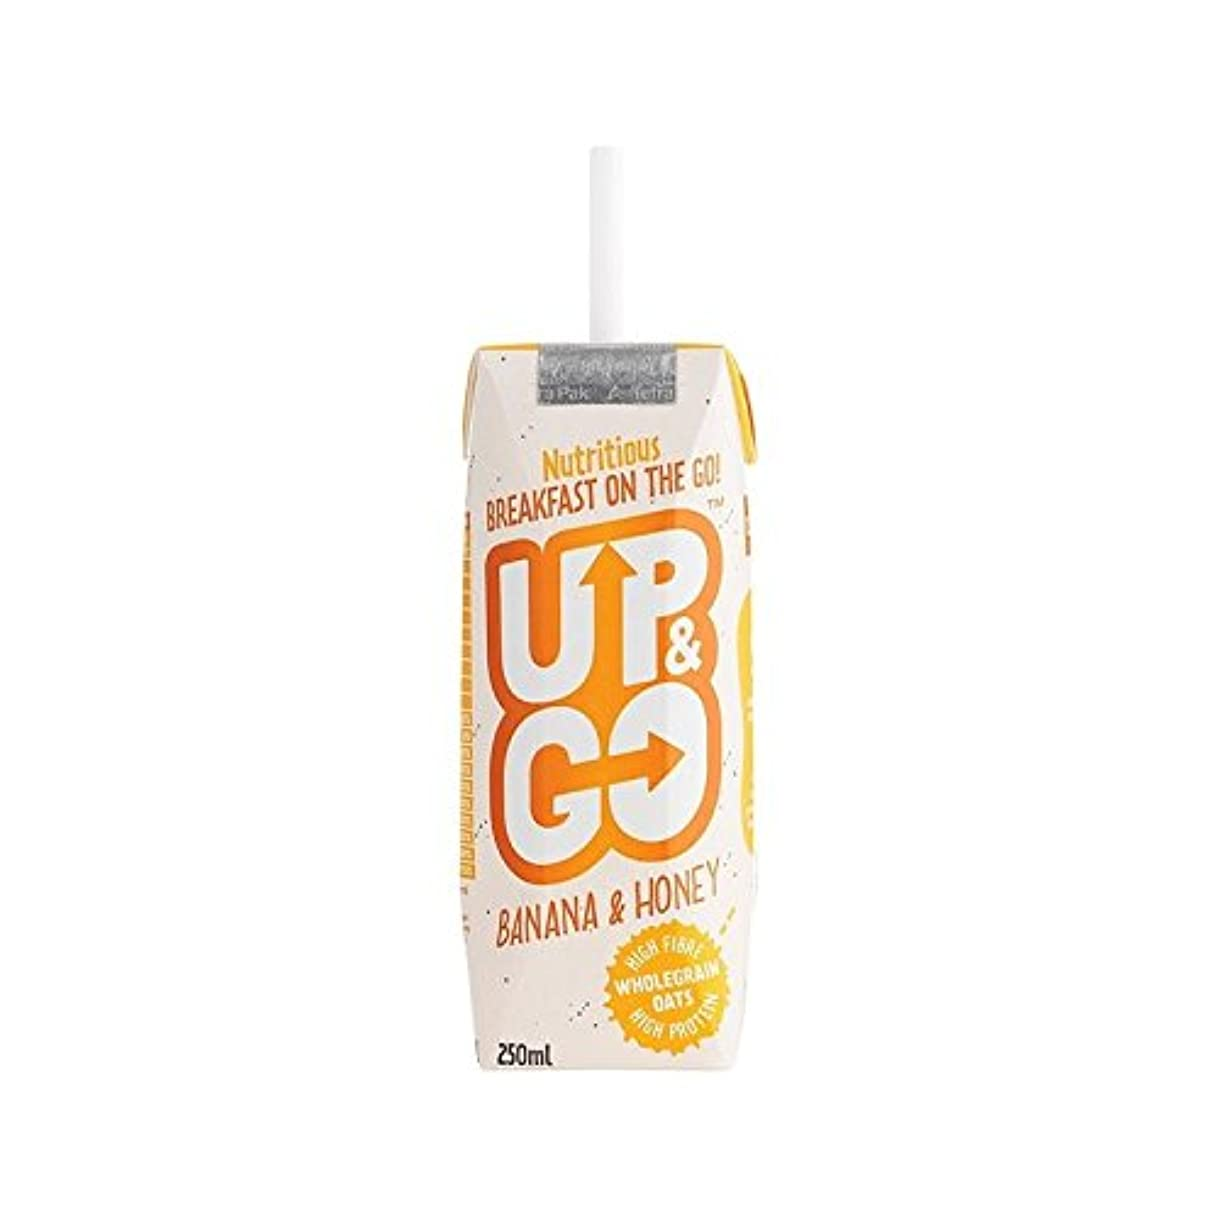 コンピューターゲームをプレイするインキュバスシーズンオート麦の250ミリリットルとバナナ&ハニー朝食ドリンク (Up&Go) (x 6) - Up&Go Banana & Honey Breakfast Drink with Oats 250ml (Pack of 6)...